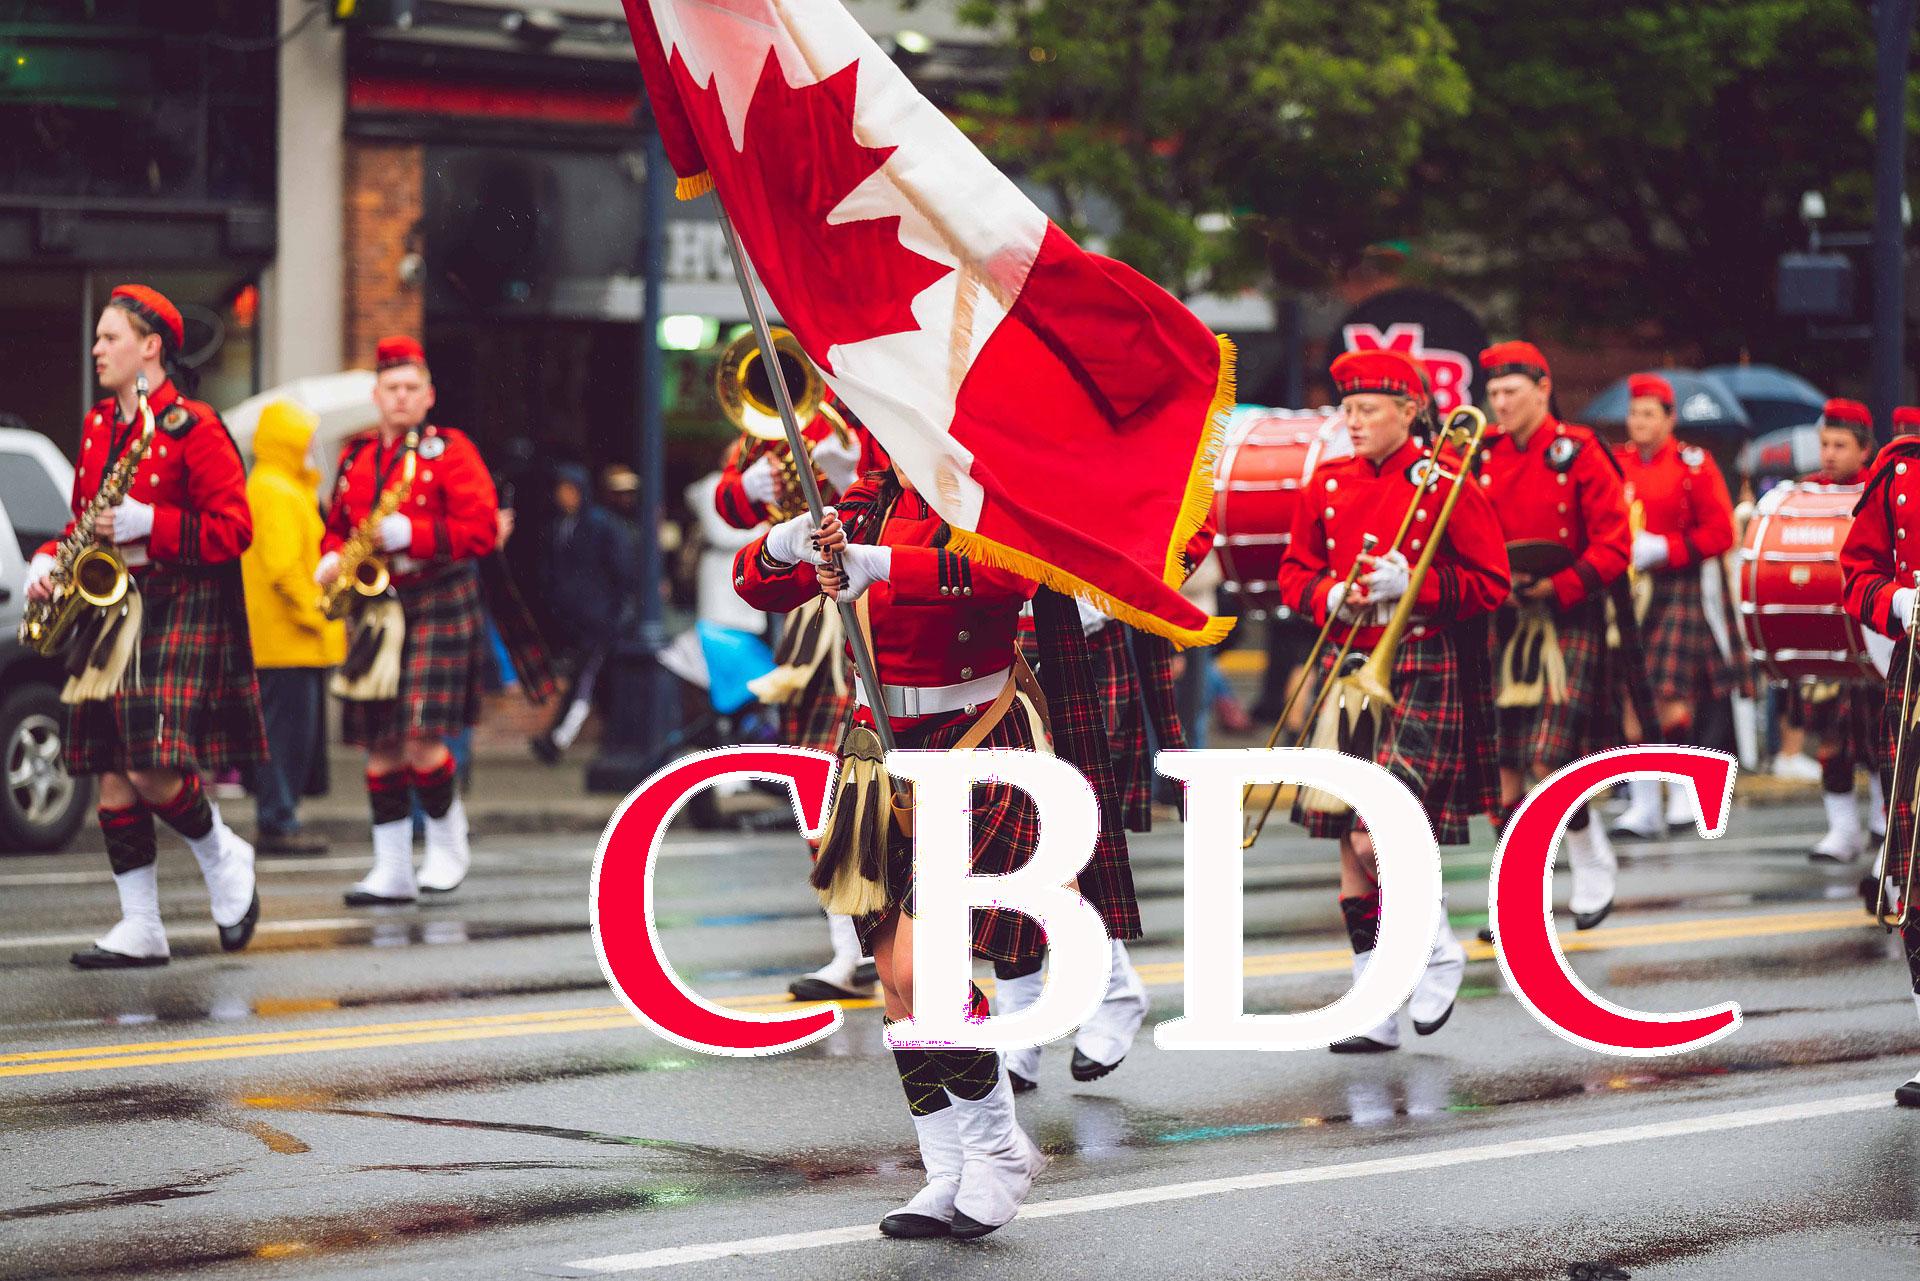 カナダ銀行がCBDCの導入について検討!